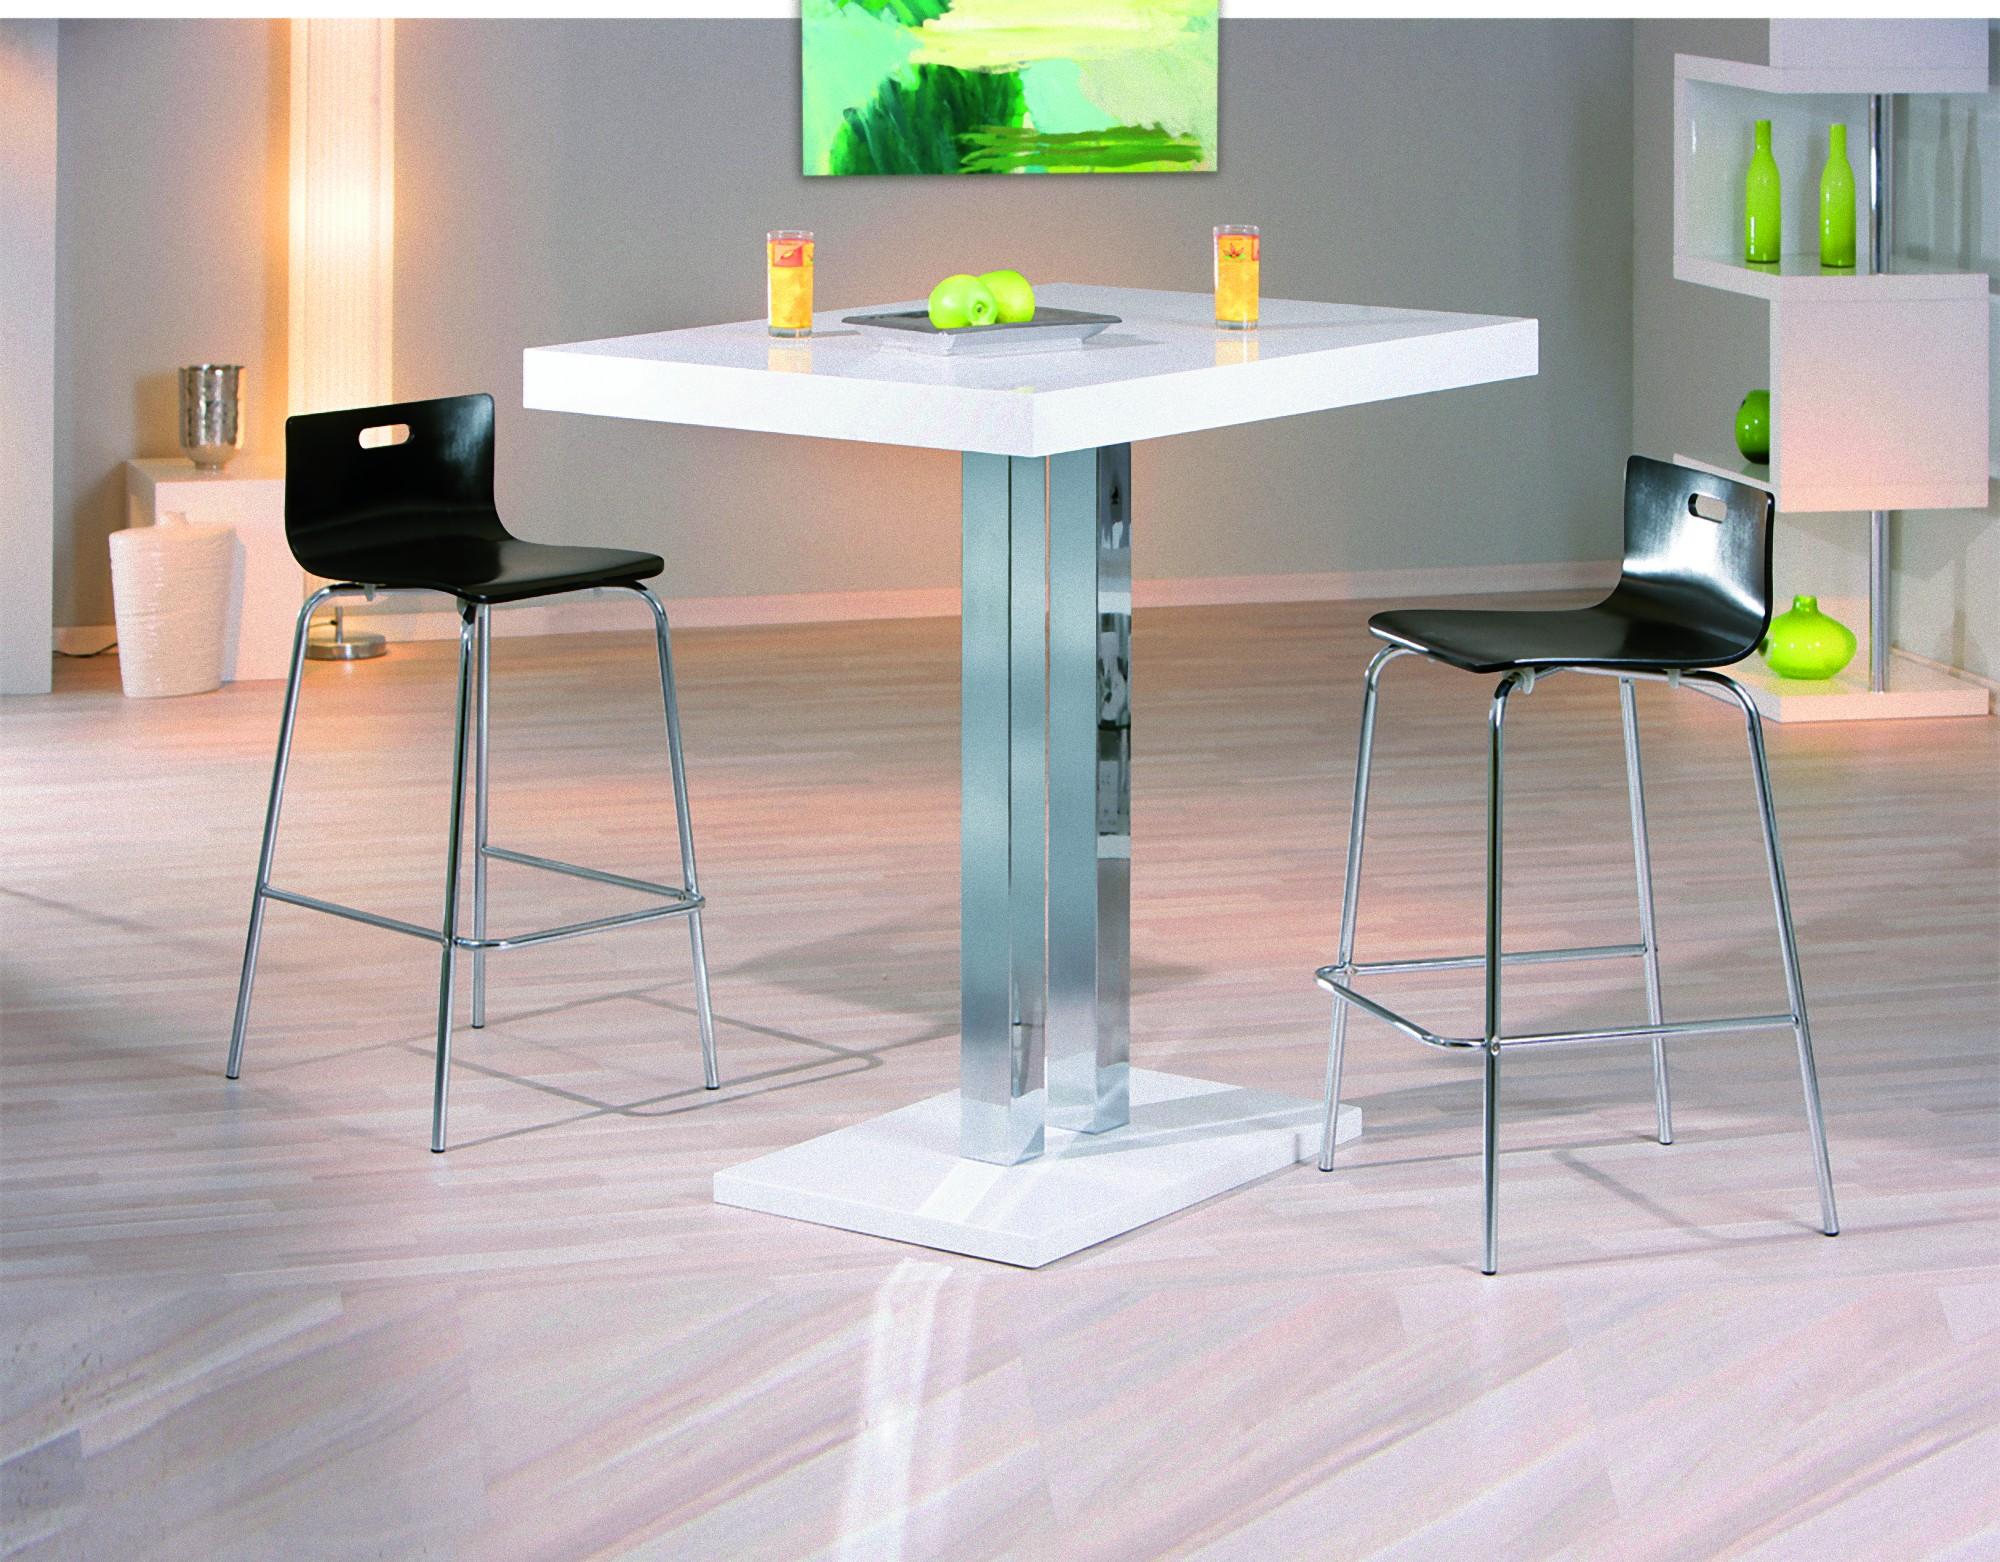 Full Size of Küchen Bartisch Palvam Weiss Hochglanz Bar Hochtisch Stehtisch Tisch Küche Regal Wohnzimmer Küchen Bartisch